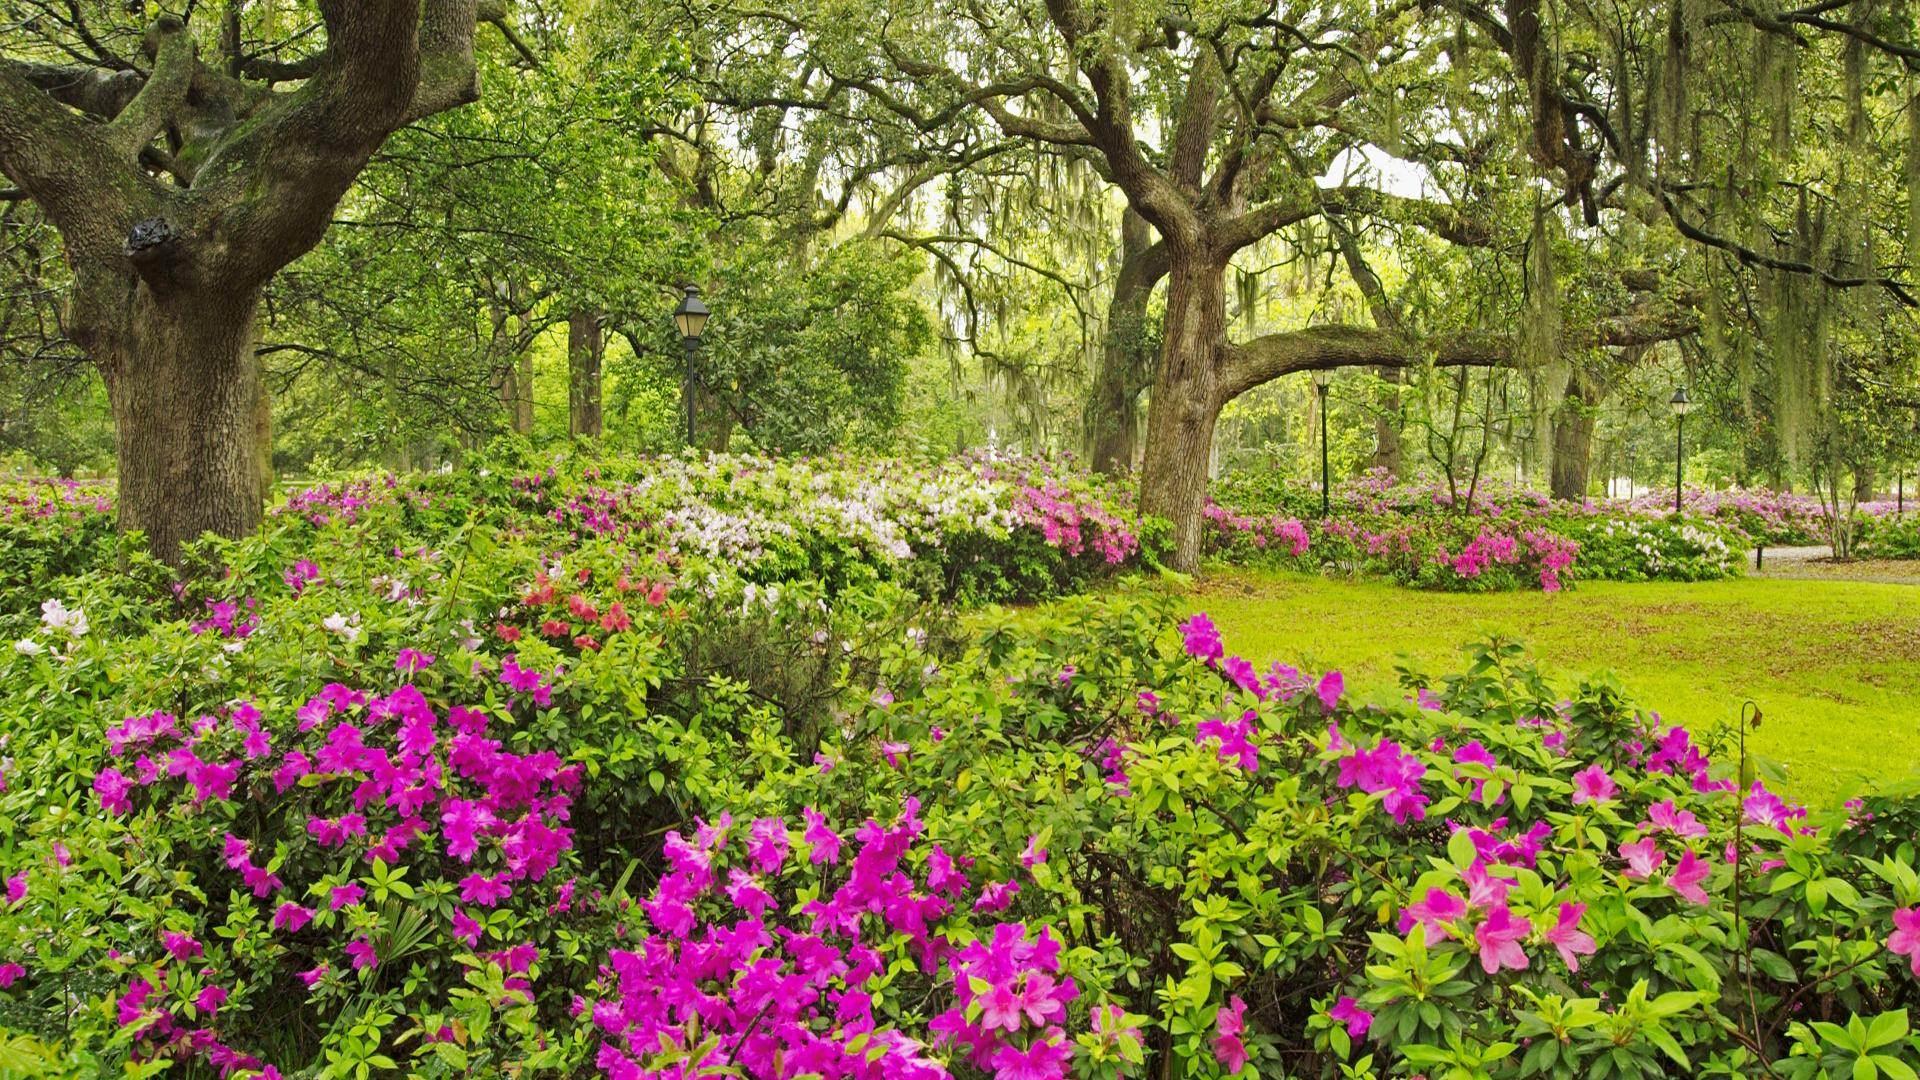 45 Best Free Flower Garden Desktop Wallpapers Wallpaperaccess